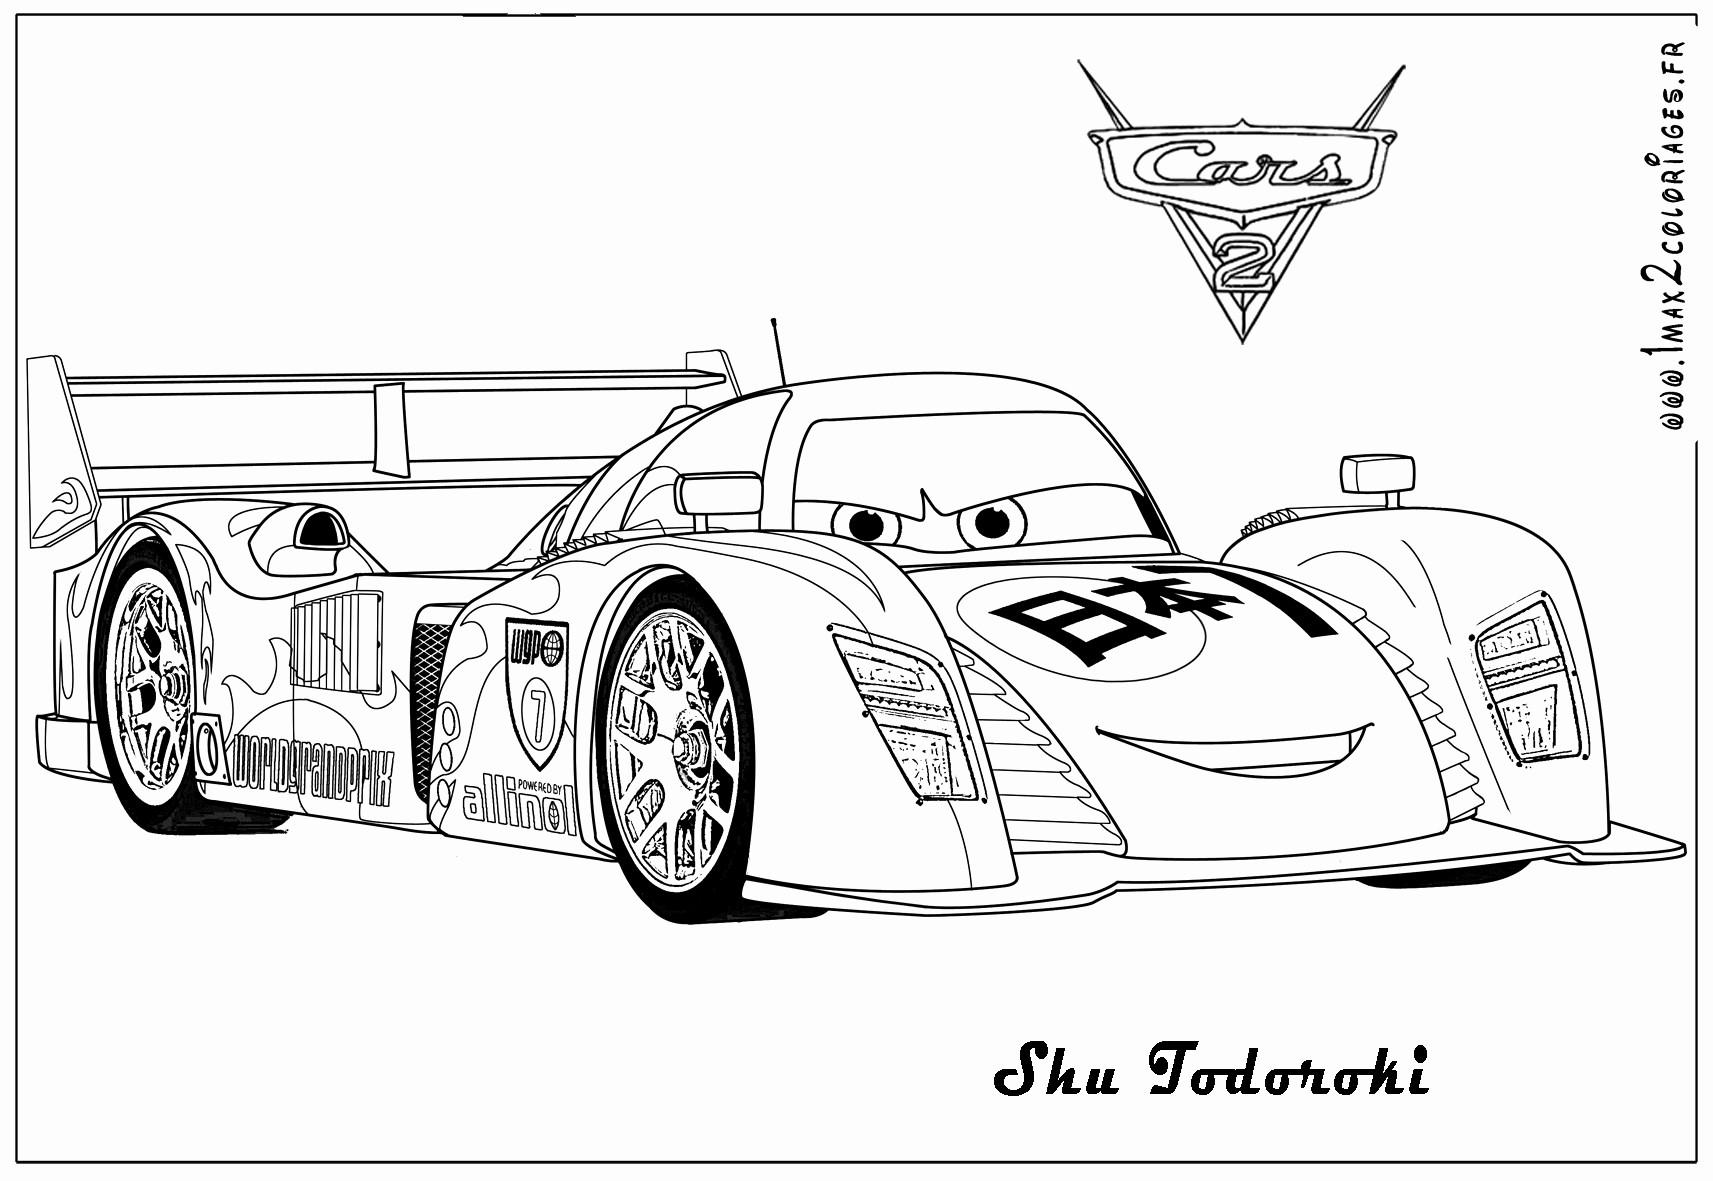 Ausmalbilder Autos Porsche Inspirierend Auto Bilder Zum Ausdrucken Schön Auto Ausmalbilder Porsche Best Bild